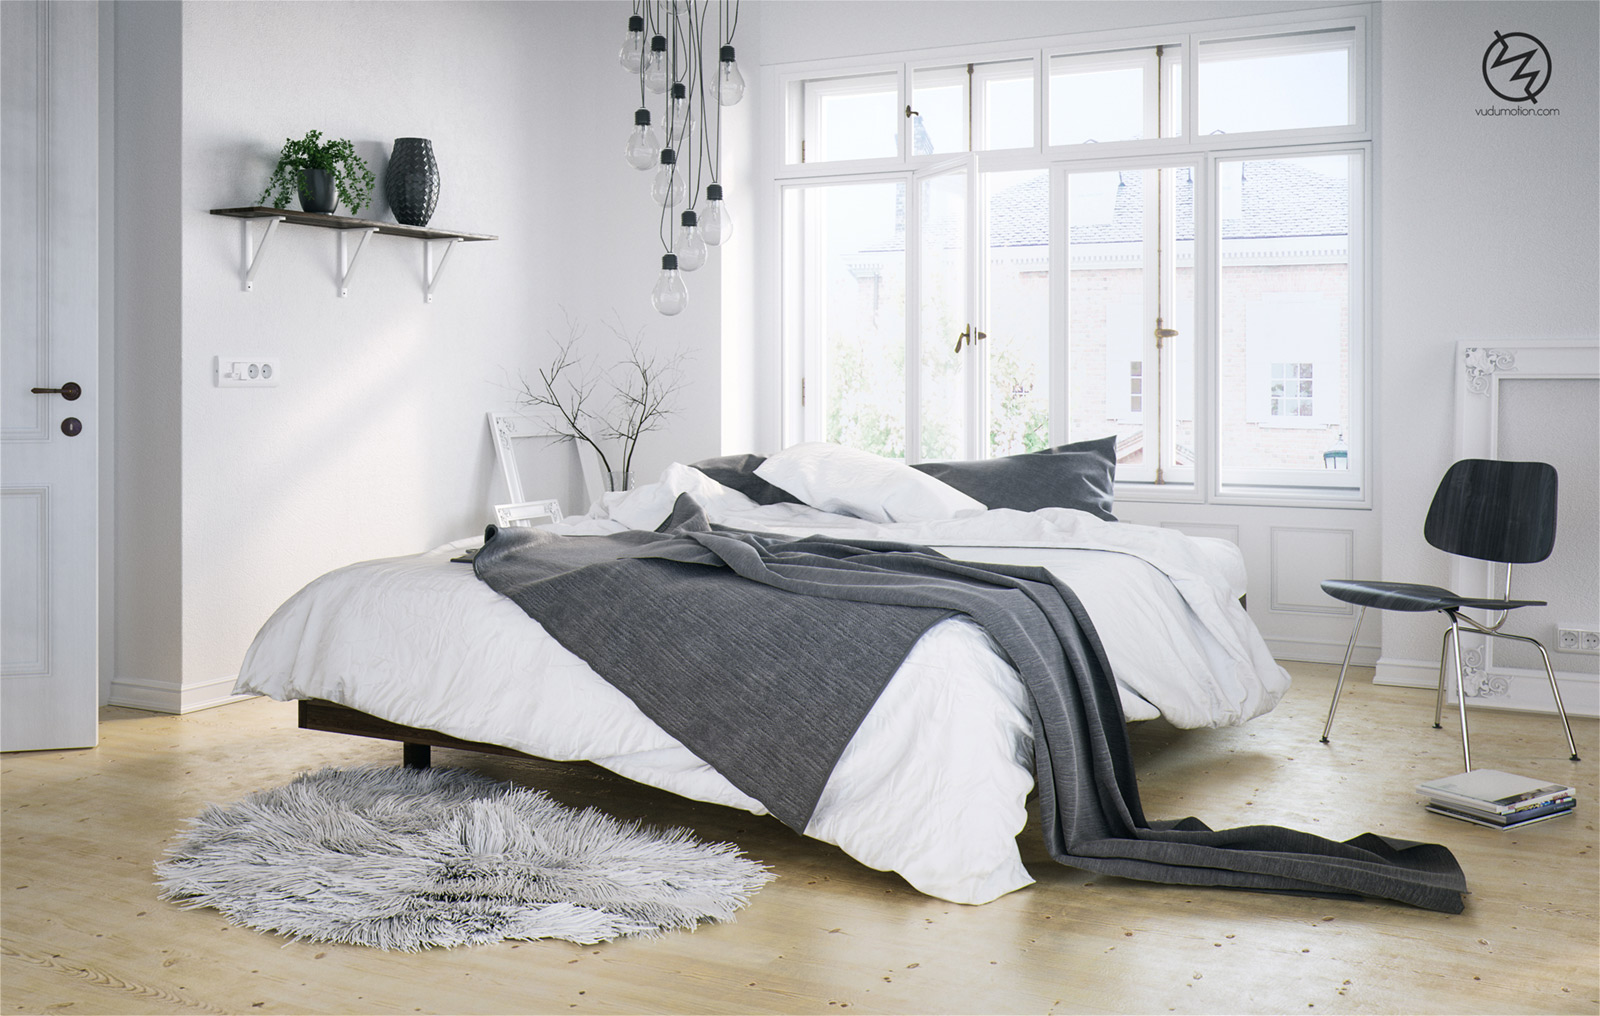 Skandinavisches design schlafzimmer: ikea schlafzimmer ...